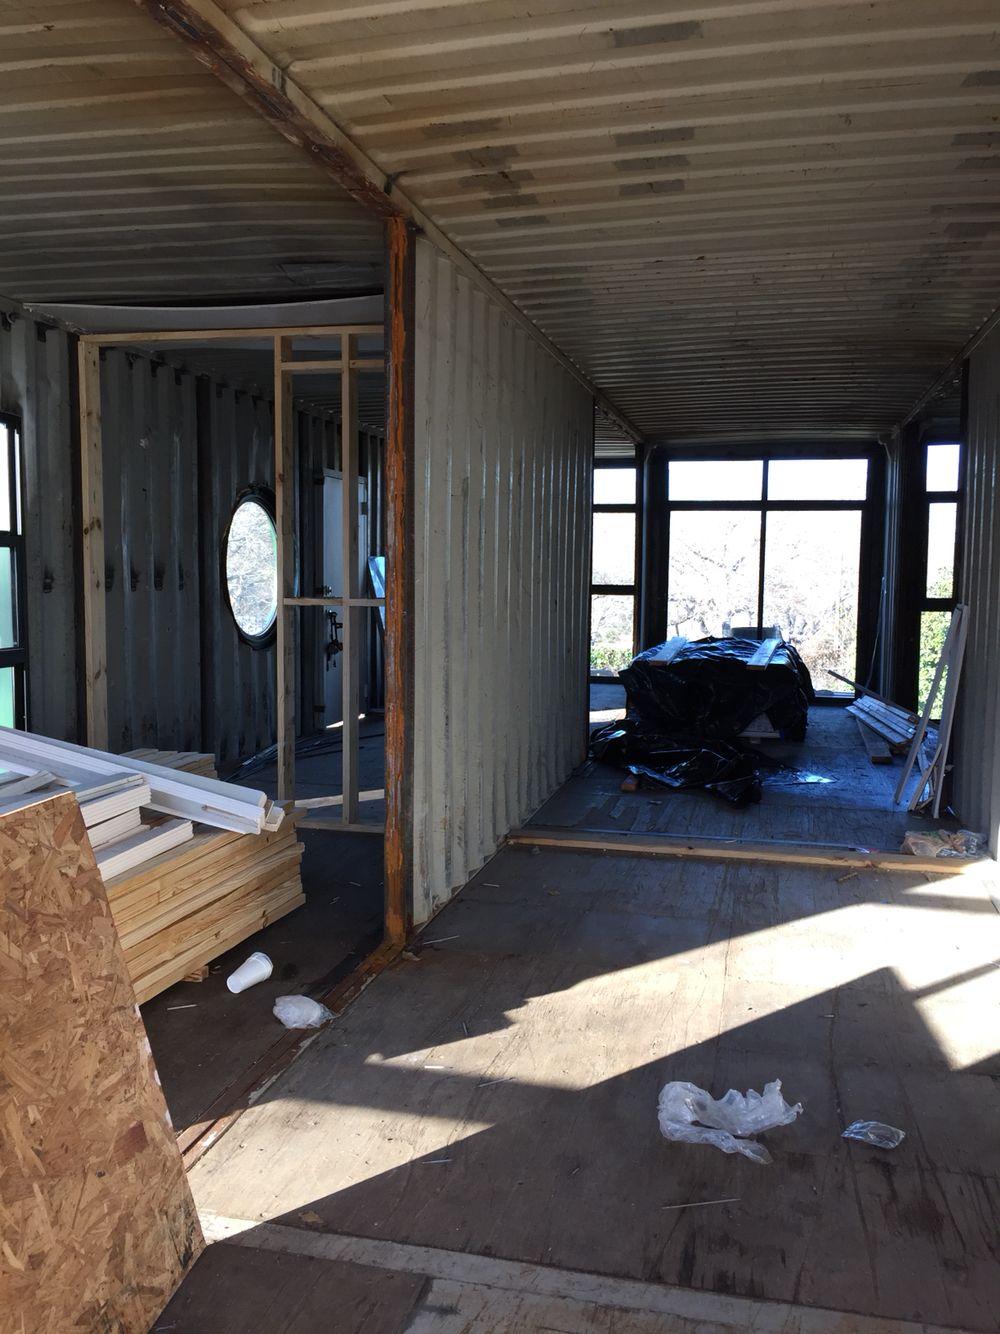 1 bedroom apartments in huntsville tx - One bedroom apartments huntsville tx ...